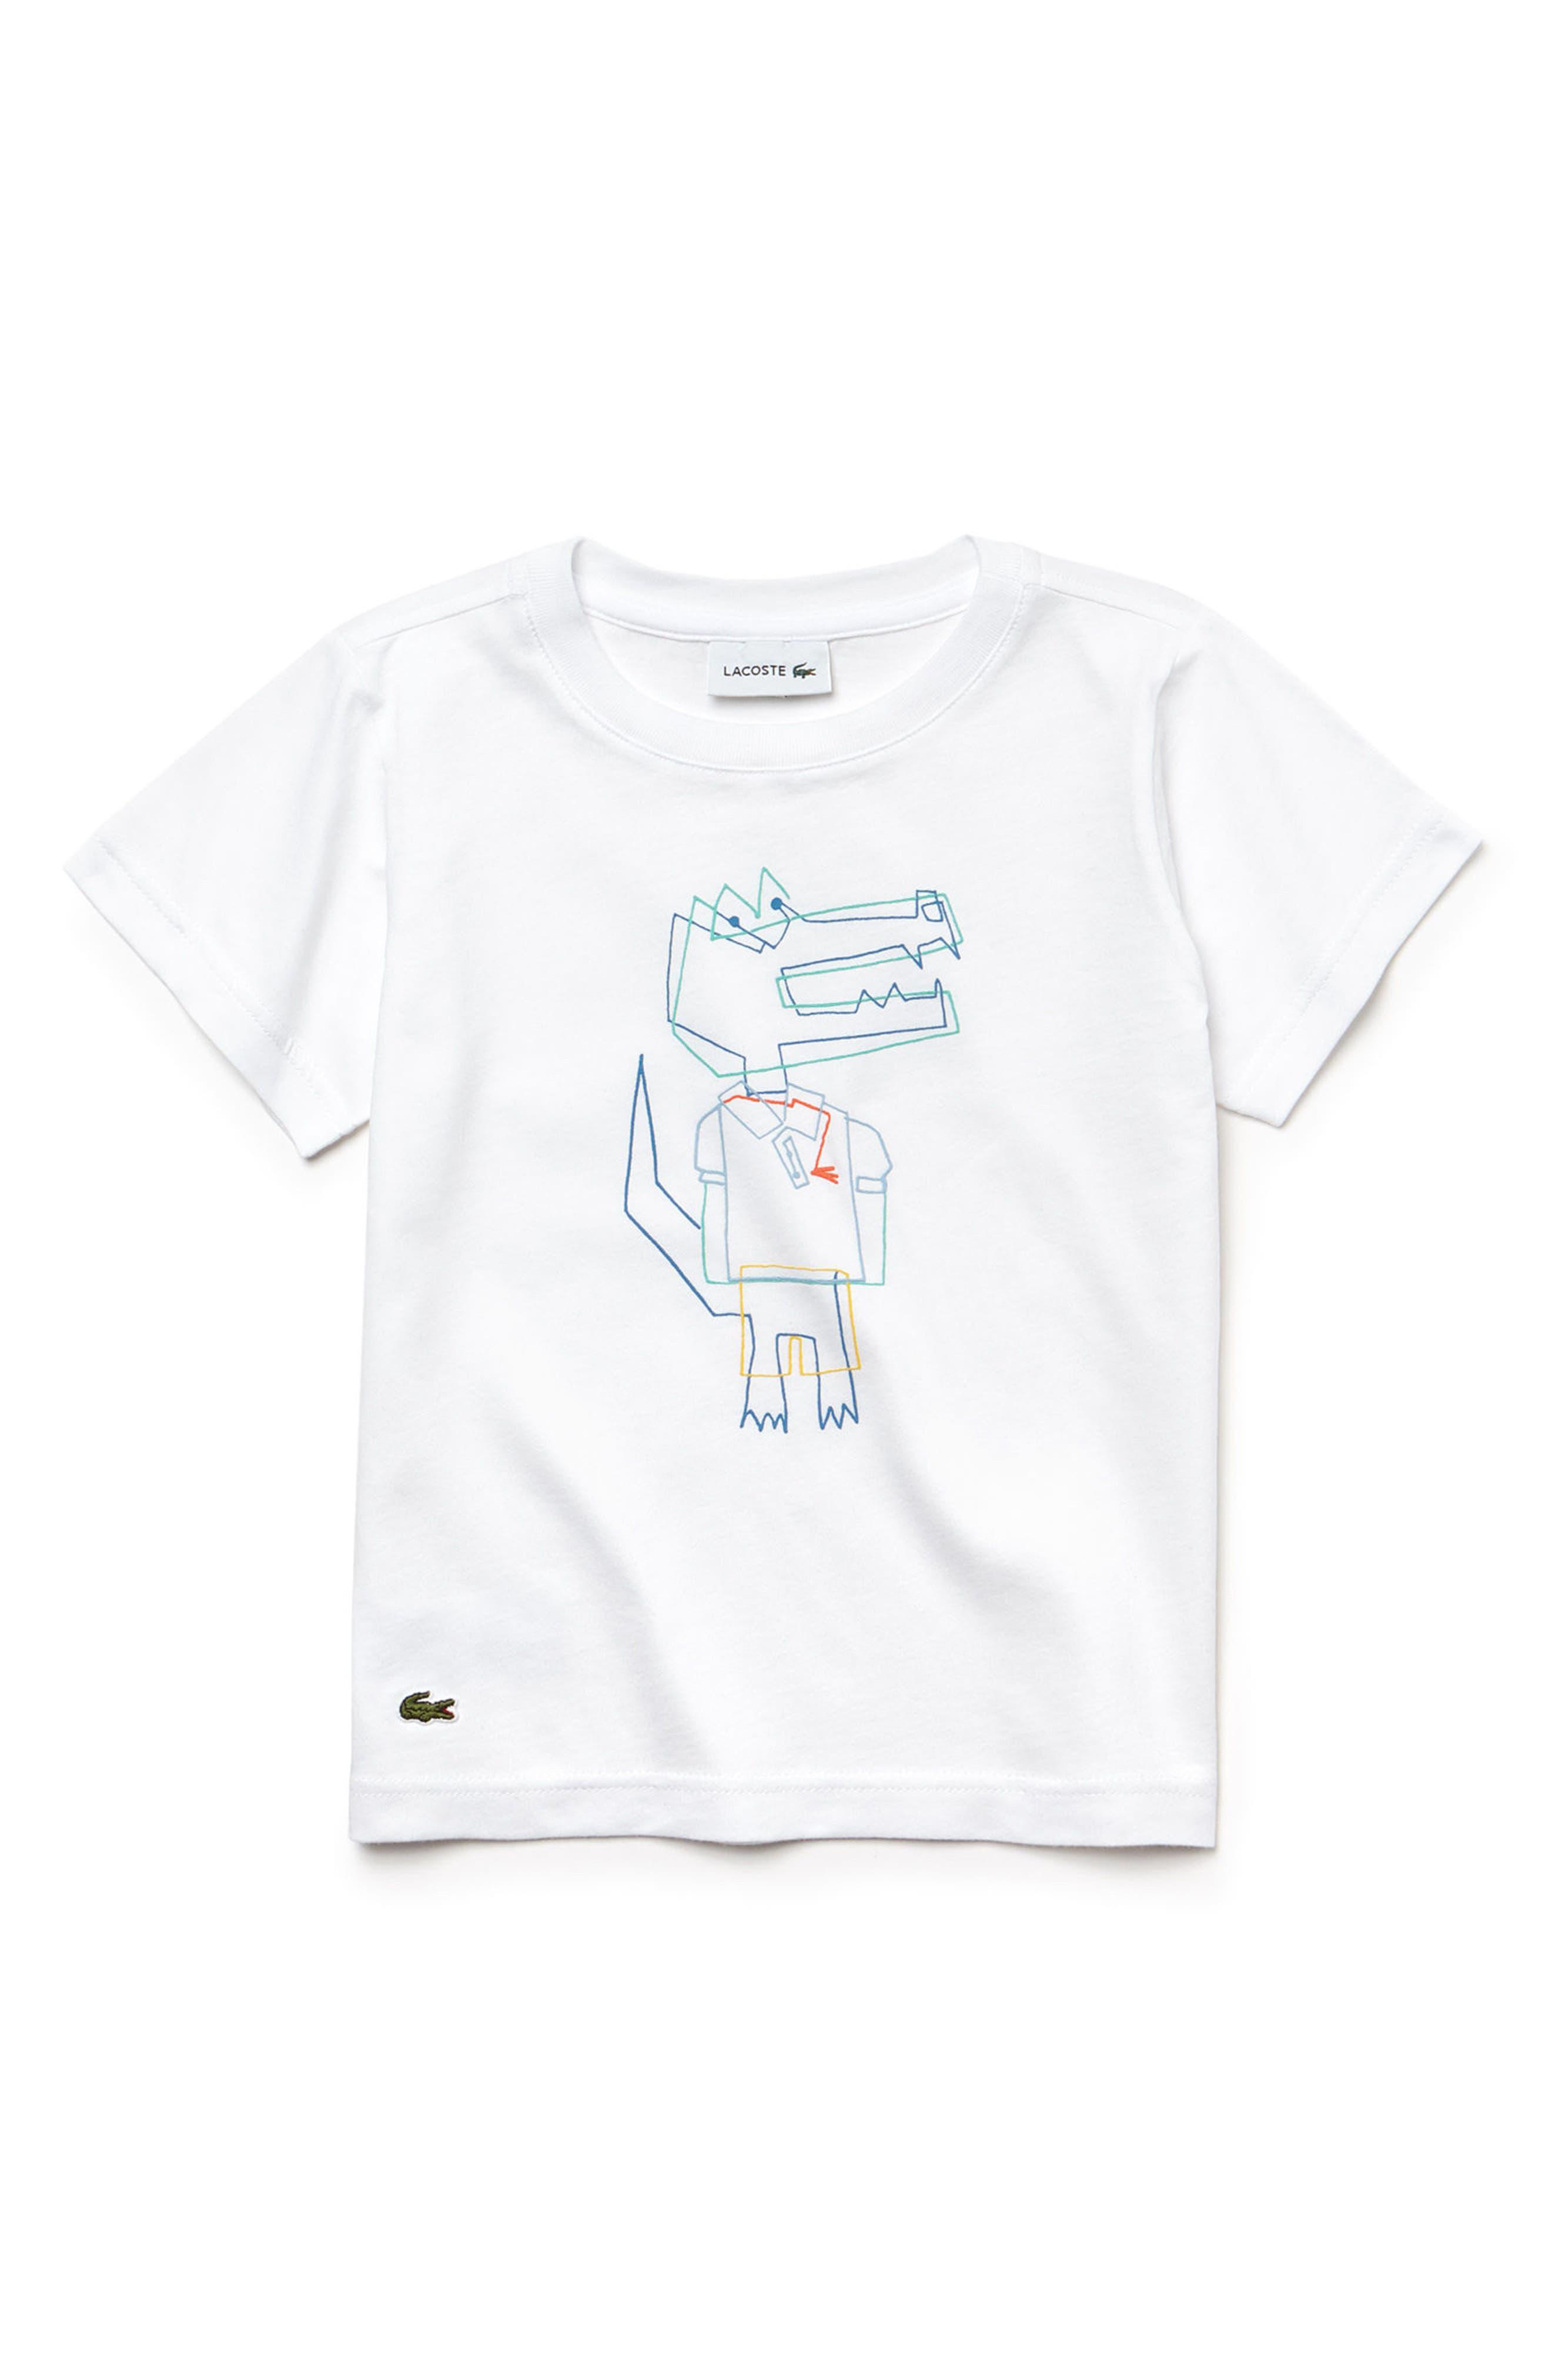 Crocoline Graphic T-Shirt,                             Main thumbnail 1, color,                             174